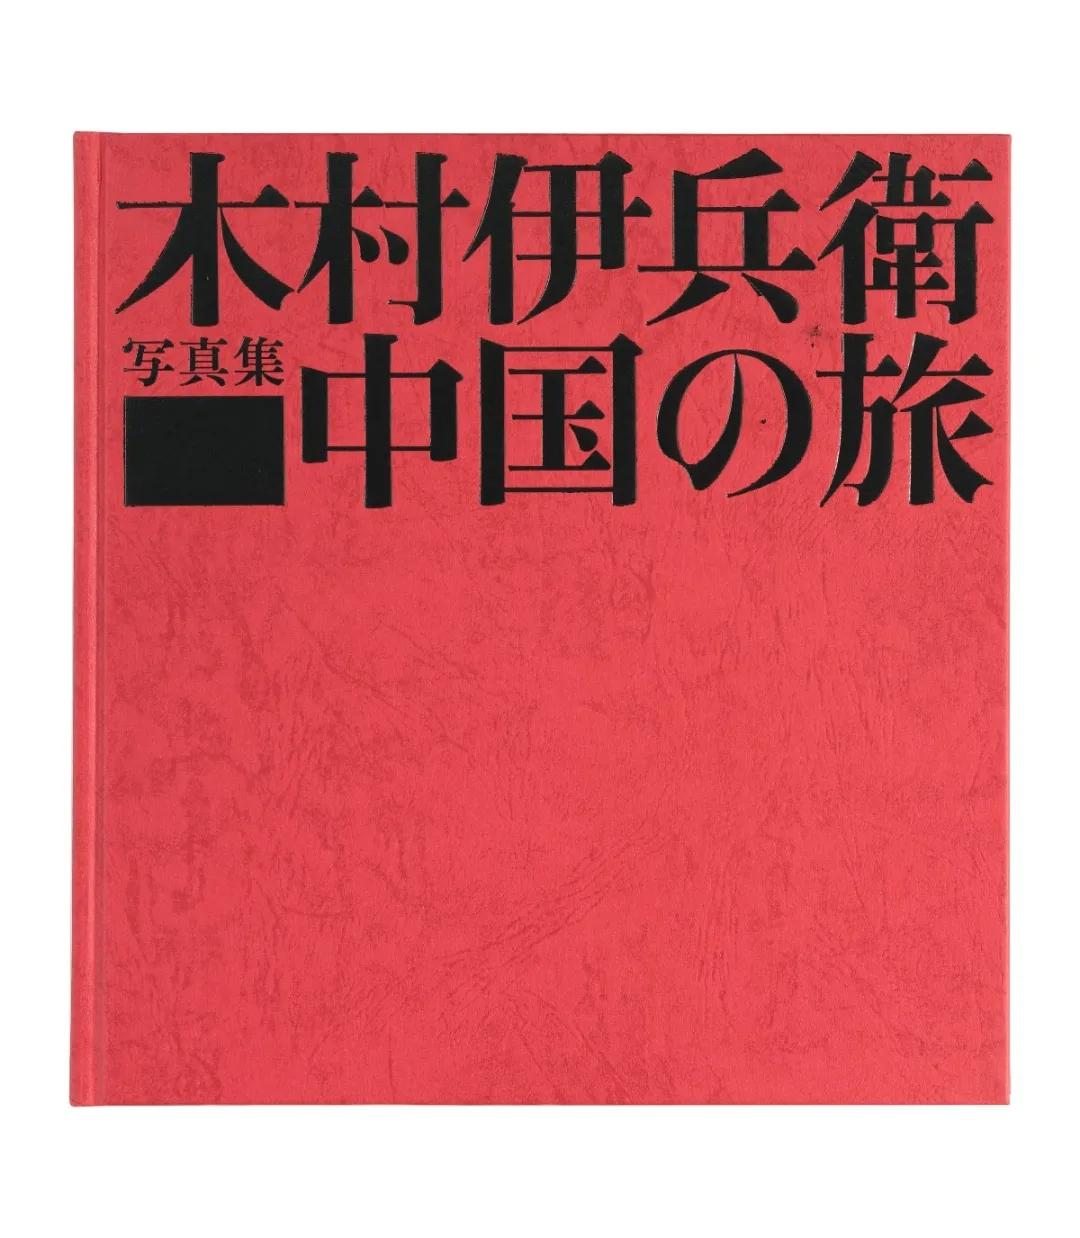 《木村伊兵衛中国の旅》(《中国之旅》)木村伊兵卫,1974